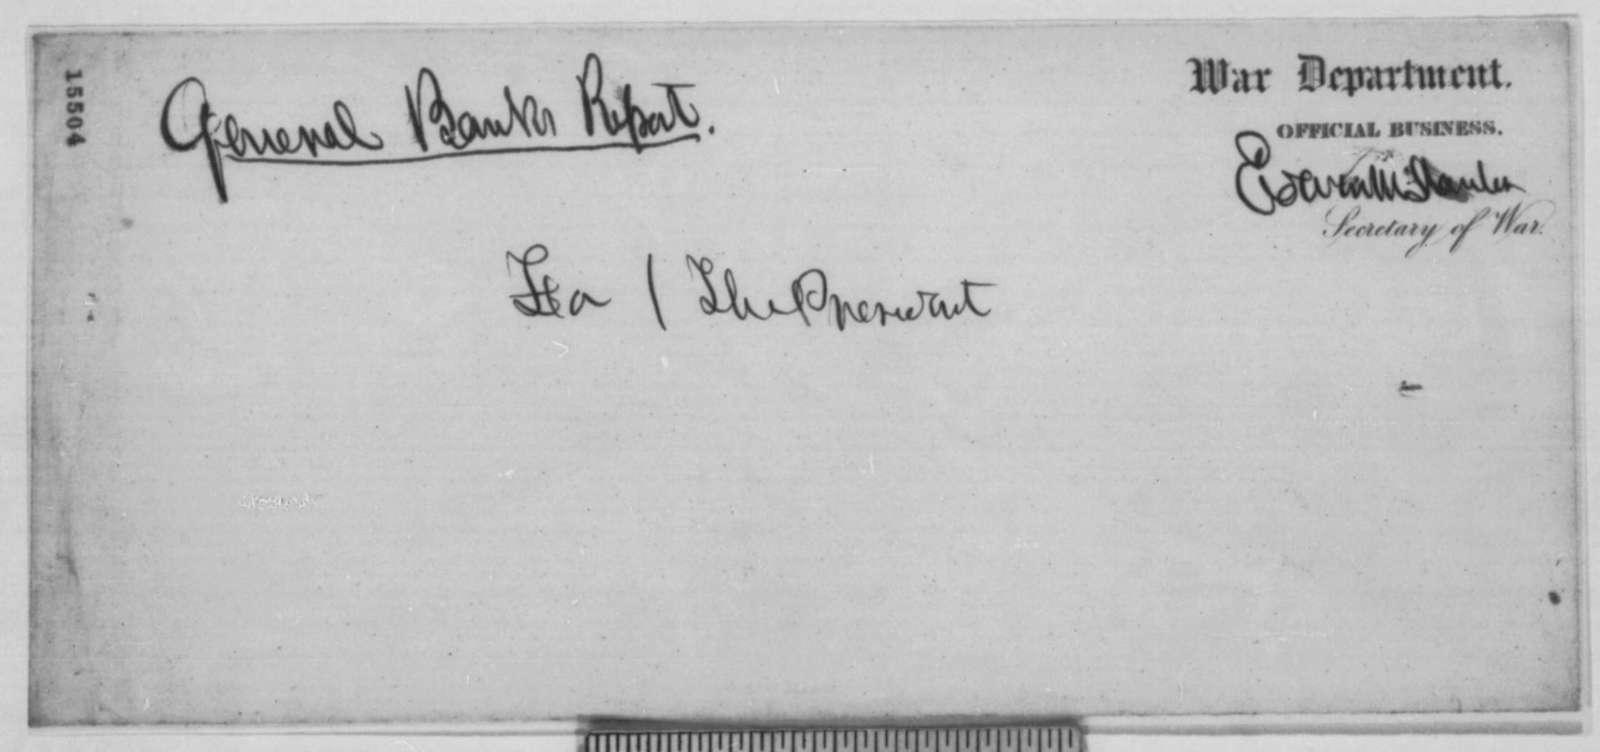 Nathaniel P. Banks to Lorenzo Thomas, Monday, April 14, 1862  (Military affairs)